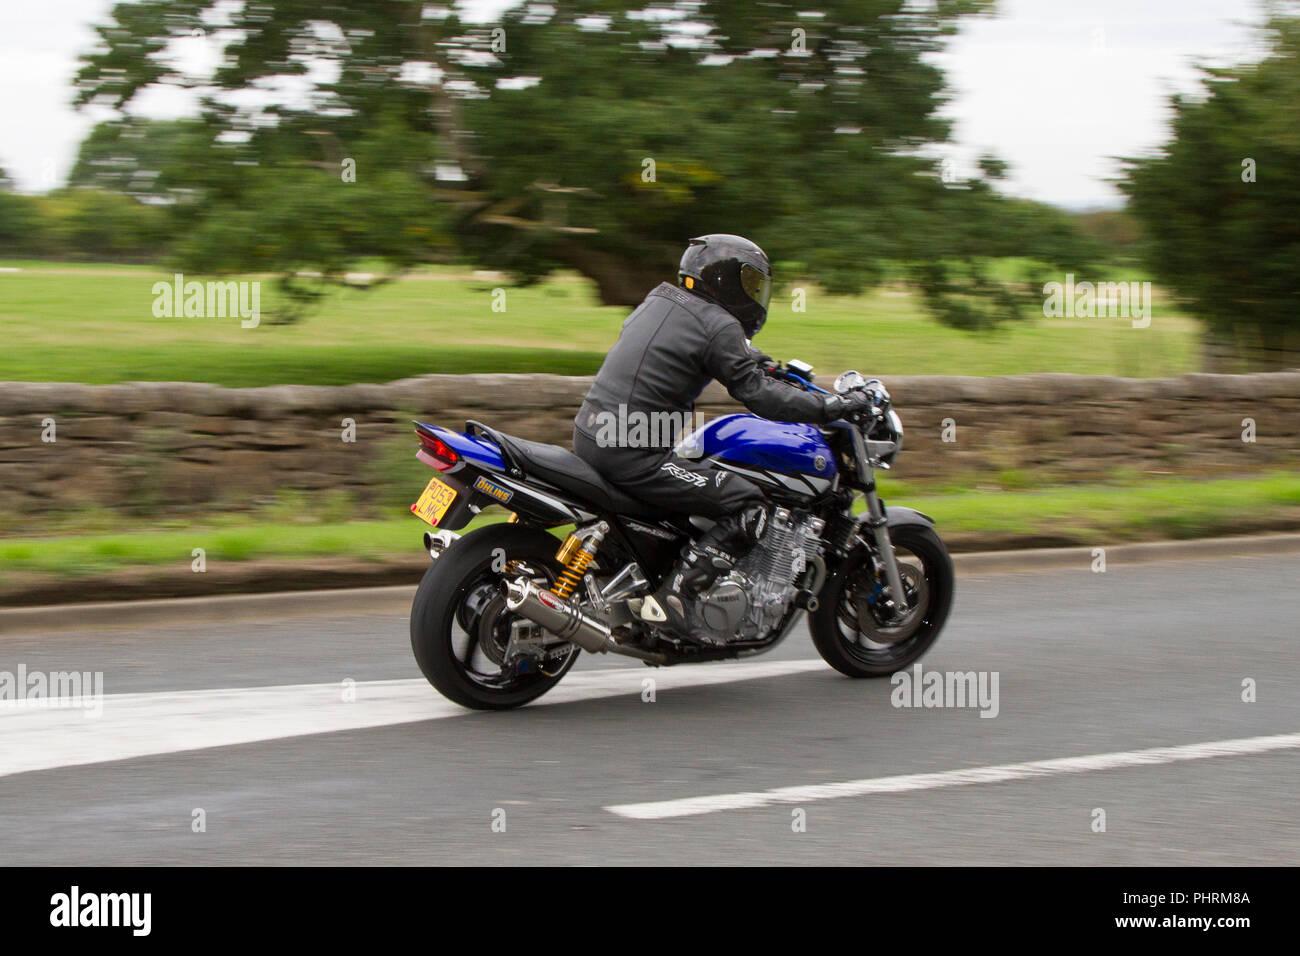 2003 Yamaha Xjr 1300 Po53lmk Motorcycle At Hoghton Tower